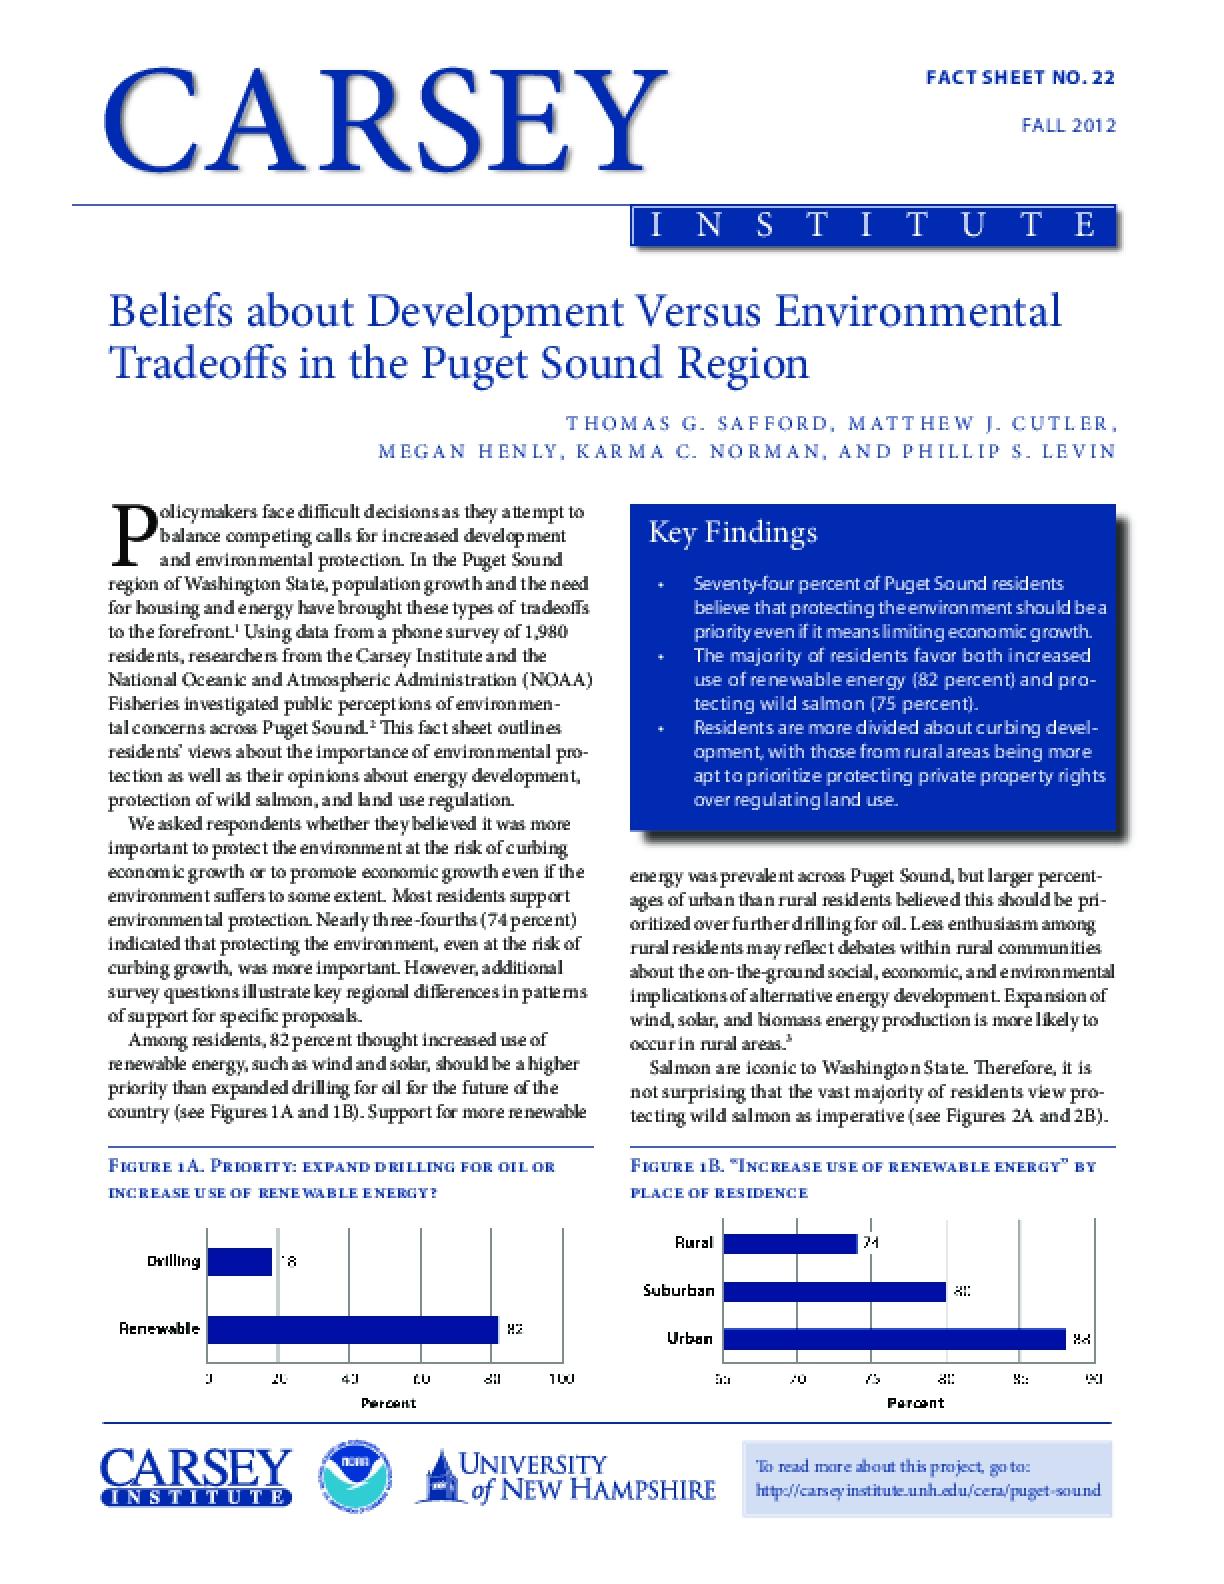 Beliefs about Development Versus Environmental Tradeoffs in the Puget Sound Region